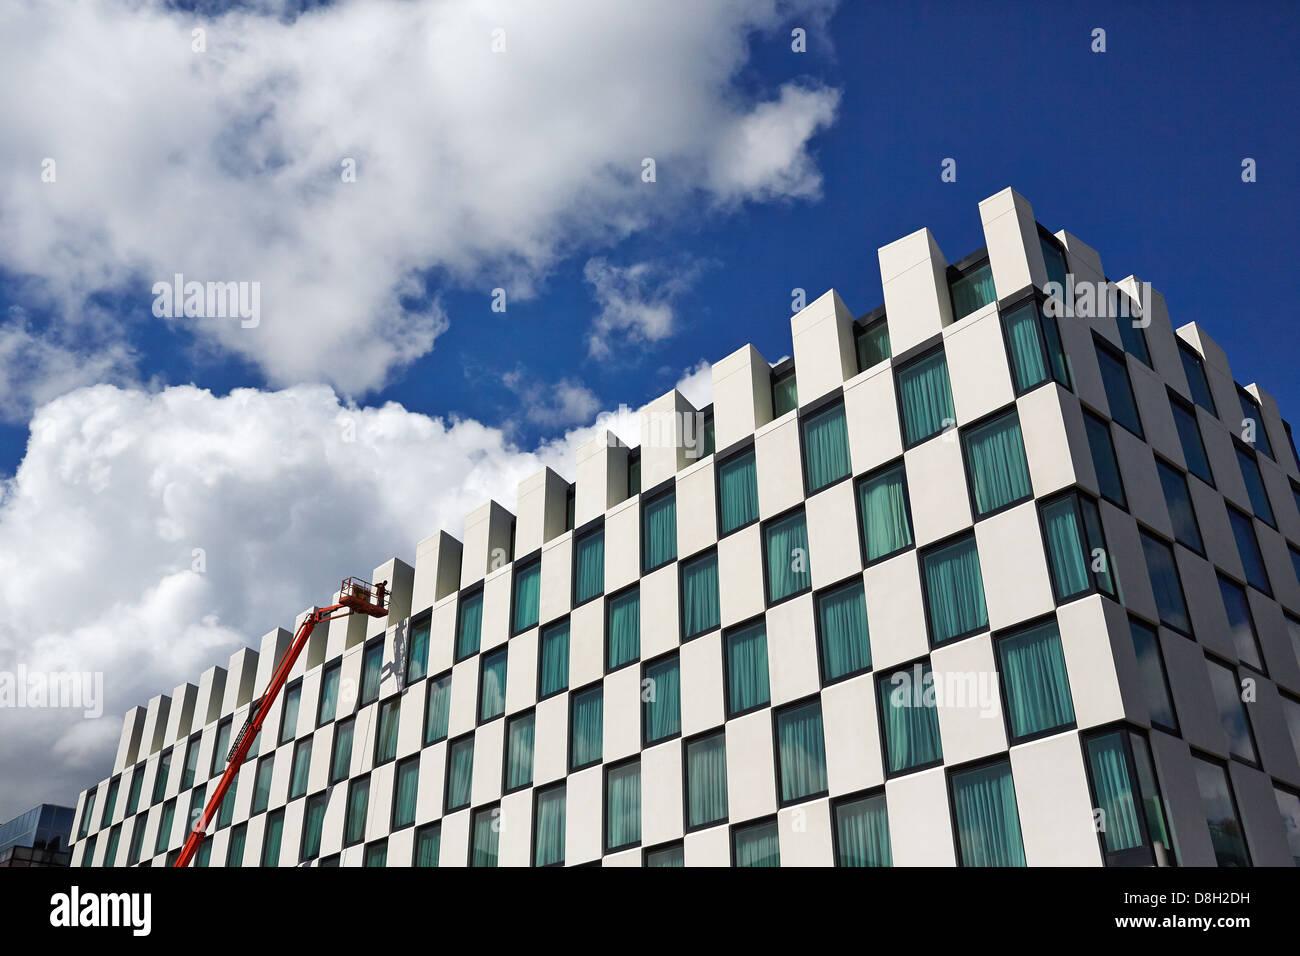 Le nettoyage de l'extérieur du marqueur, l'hôtel Grand Canal Docks, Dublin, Irlande Banque D'Images